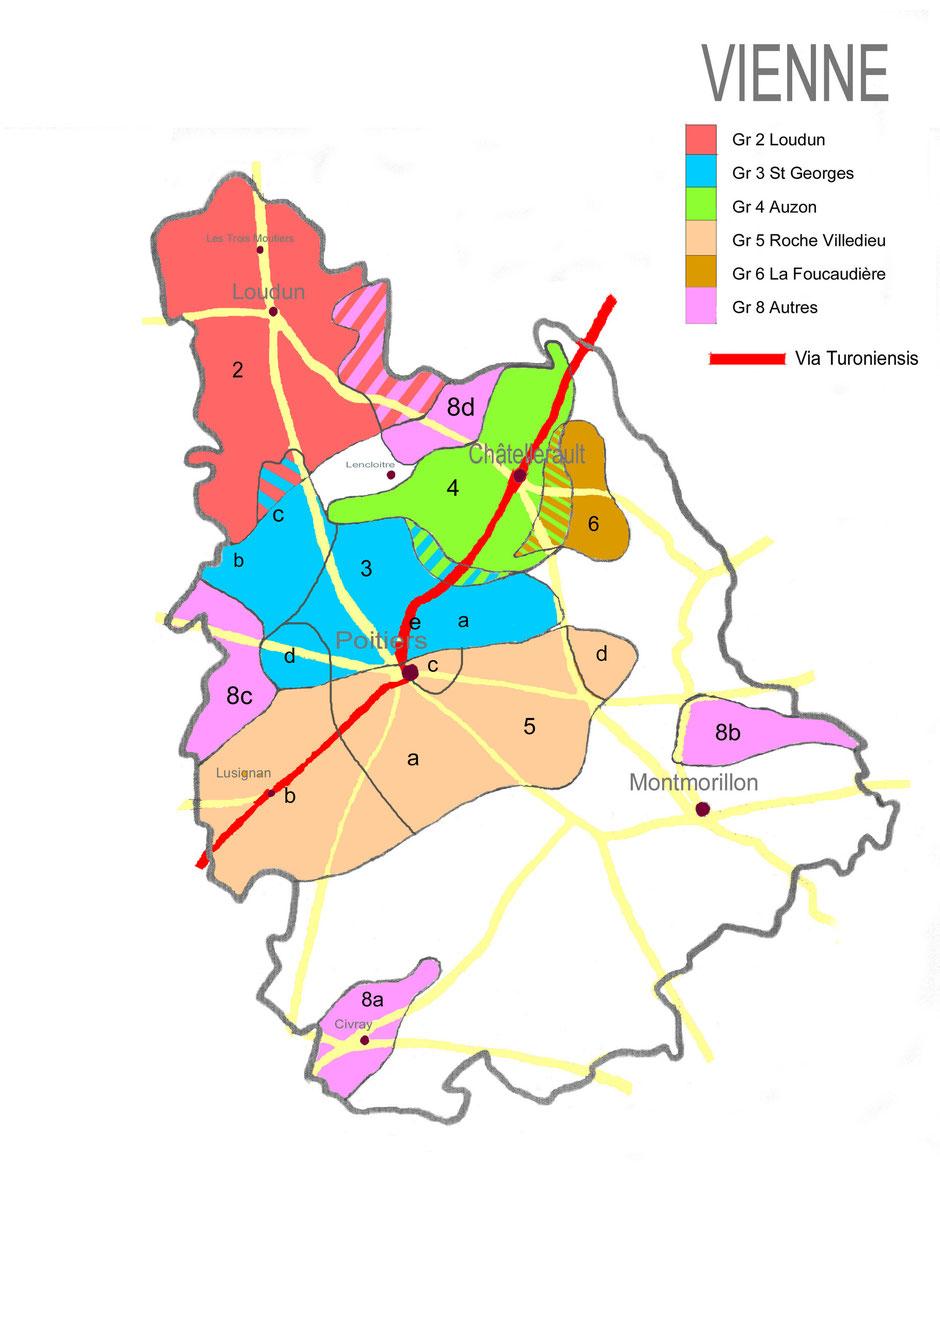 Carte montrant l'étendue des commanderies hospitalières de la Vienne avant 1789